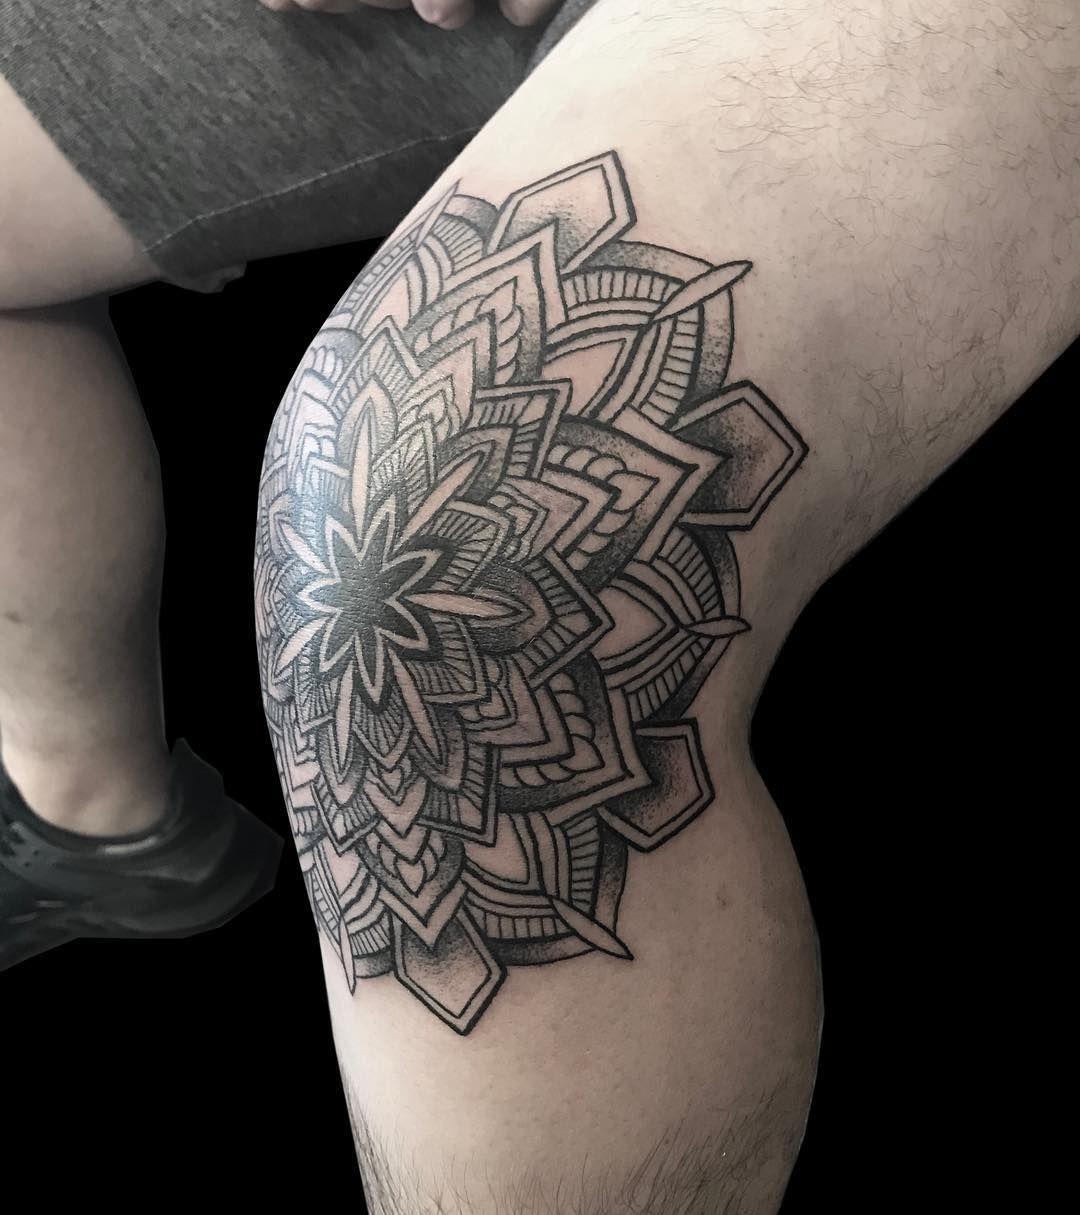 The Monumental Ink Tattoo Artists Best Tattoo Artists Near Me Knee Tattoo Tattoos Tattoo Artists Near Me